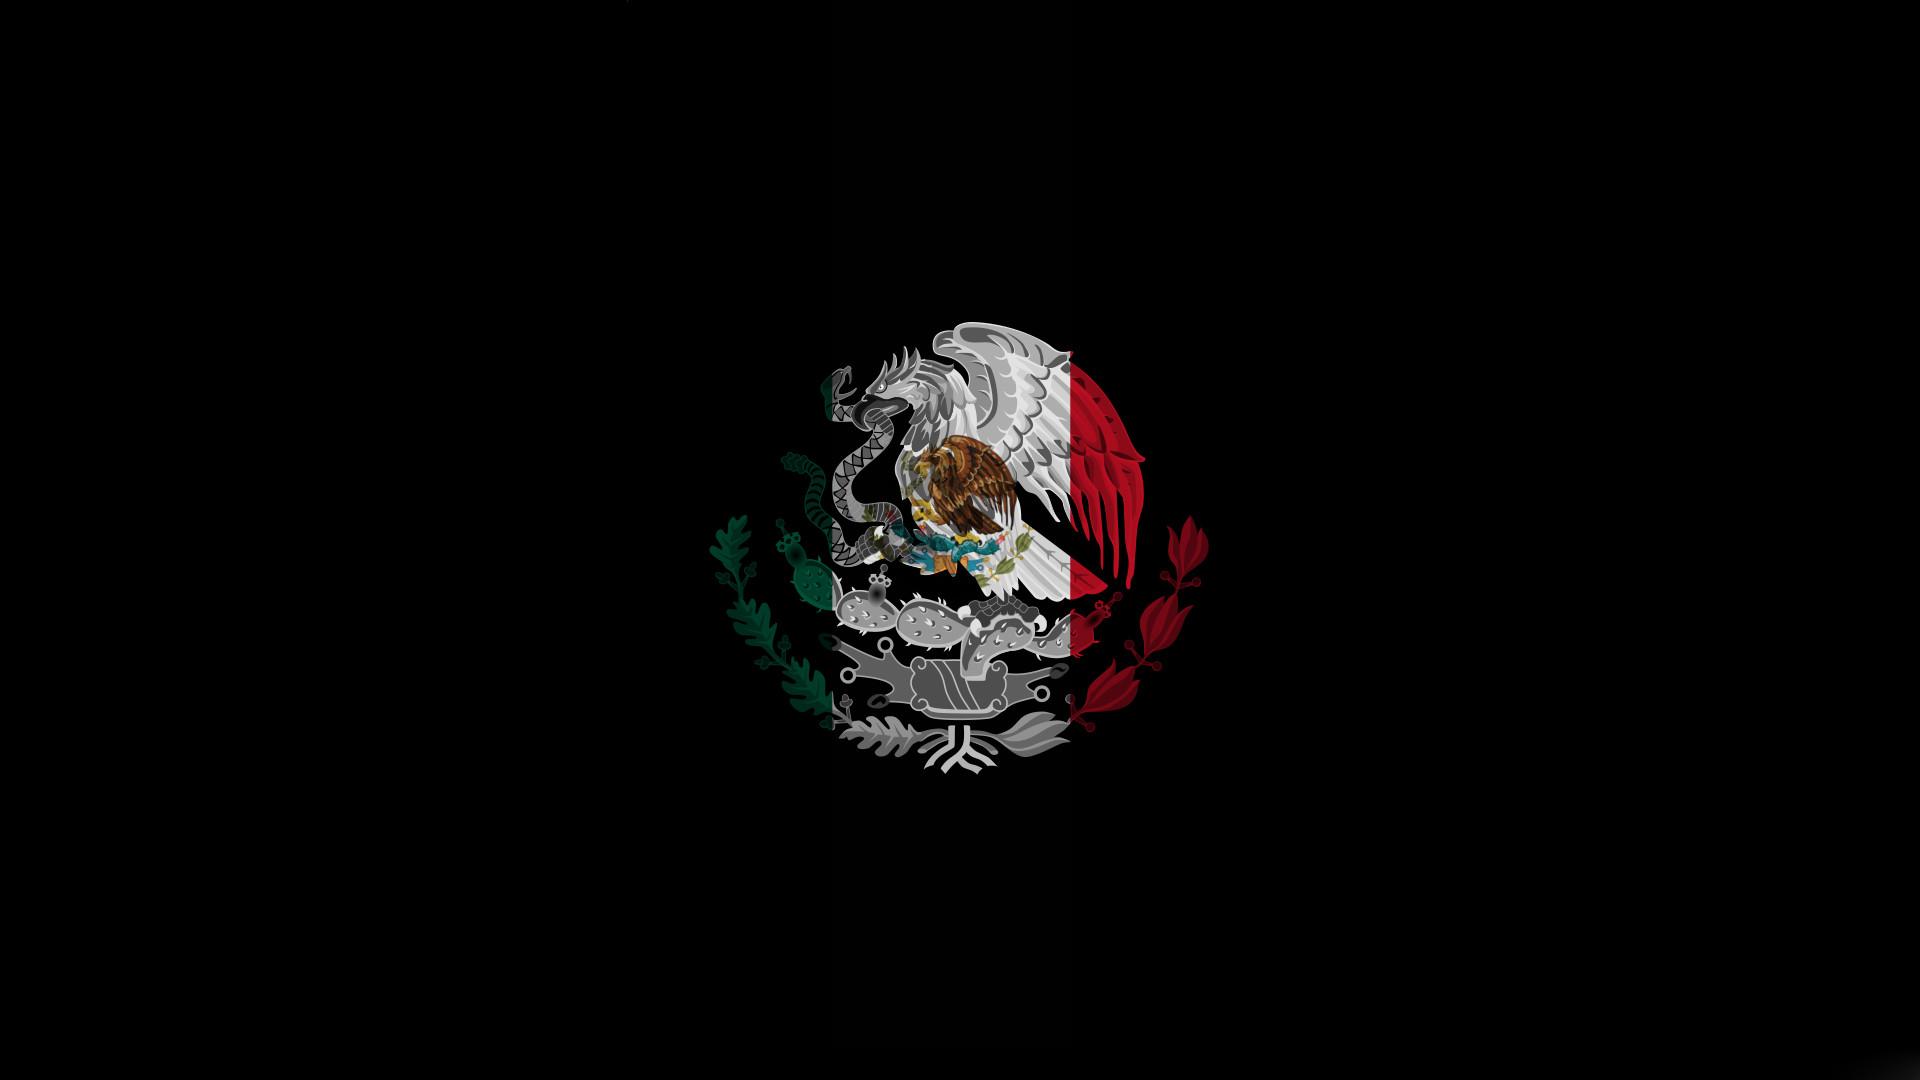 … amazing mexico wallpapers amazing mexico wallpapers in hq …